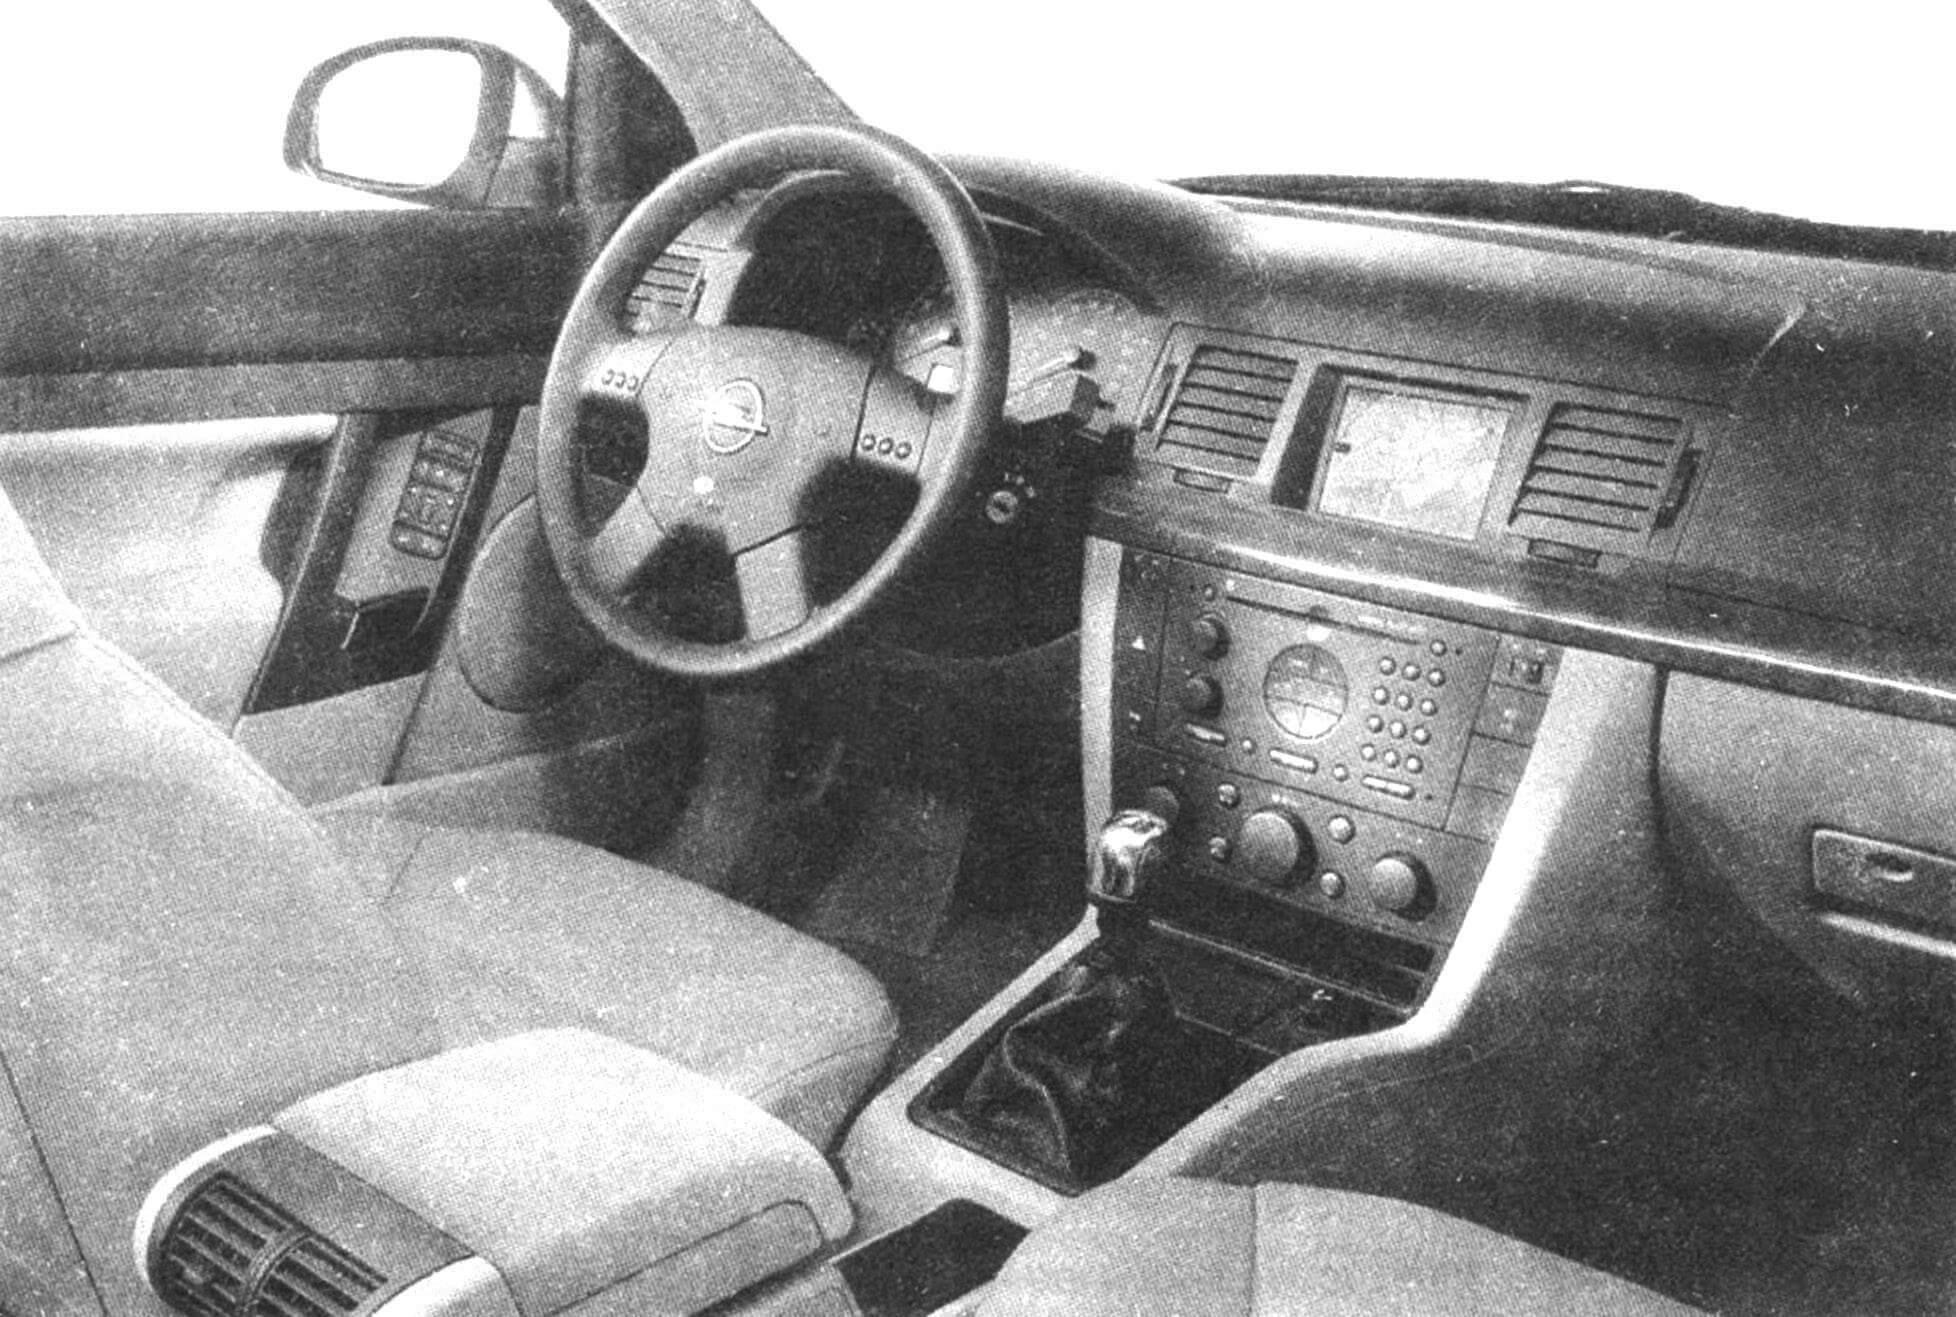 Интерьер нового OPEL VECTRA — на уровне FORD MONDEO и VW PASSAT